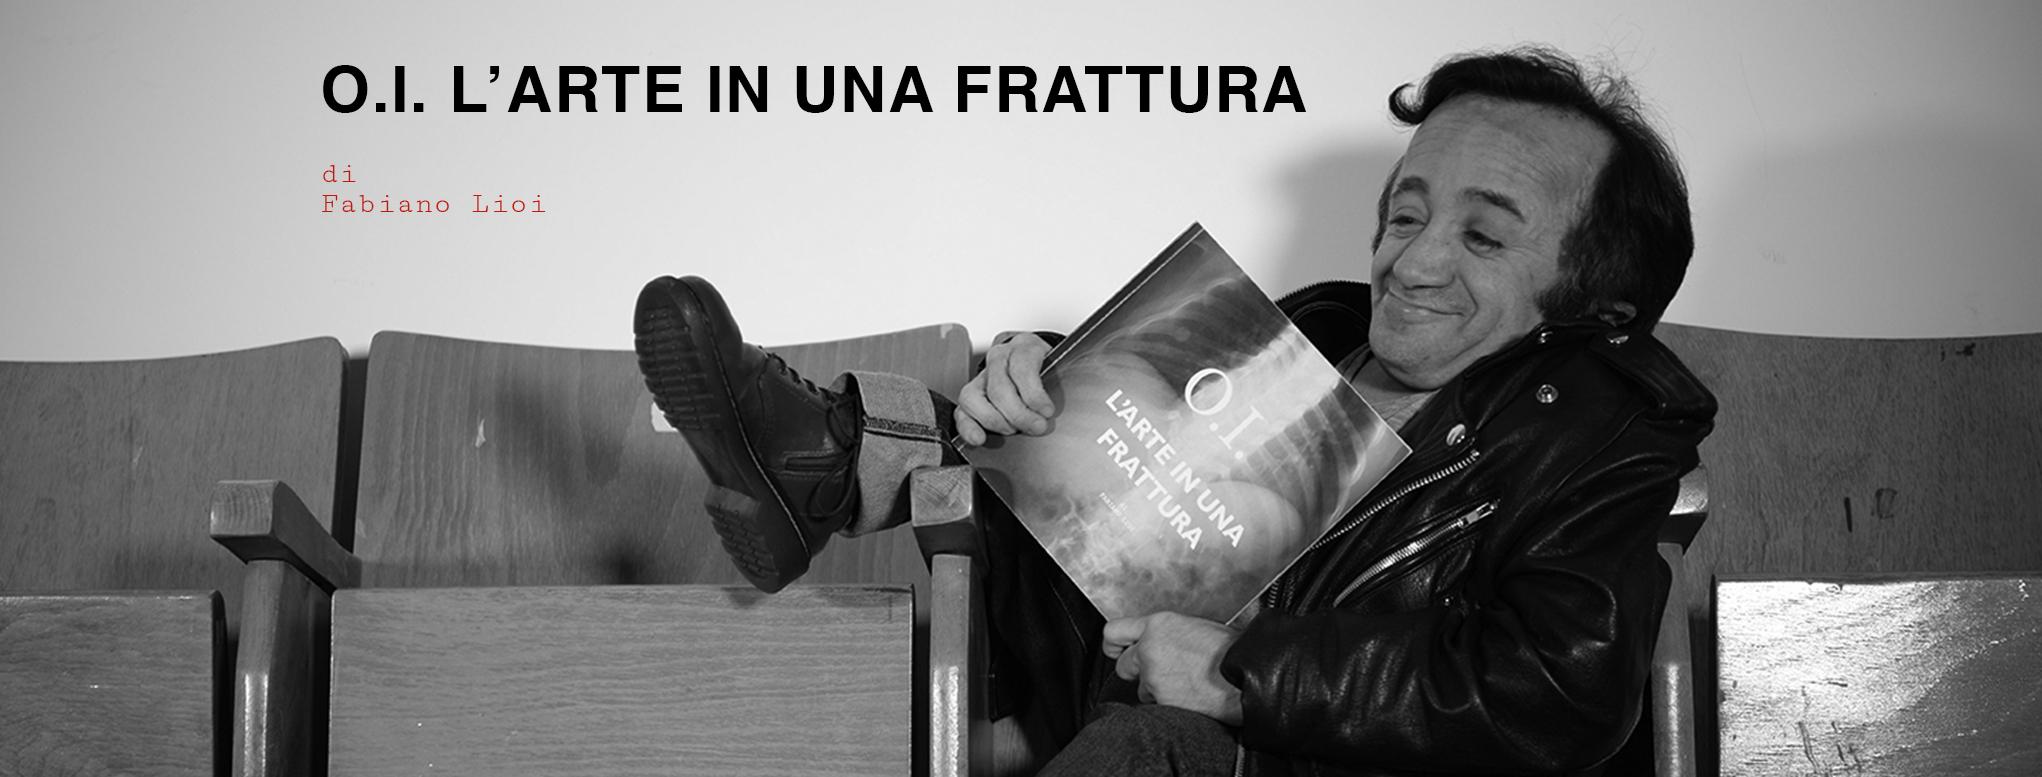 O.I. L'arte in una frattura: il libro di Fabiano Lioi. Stampiamolo insieme con la campagna di crowdfunding